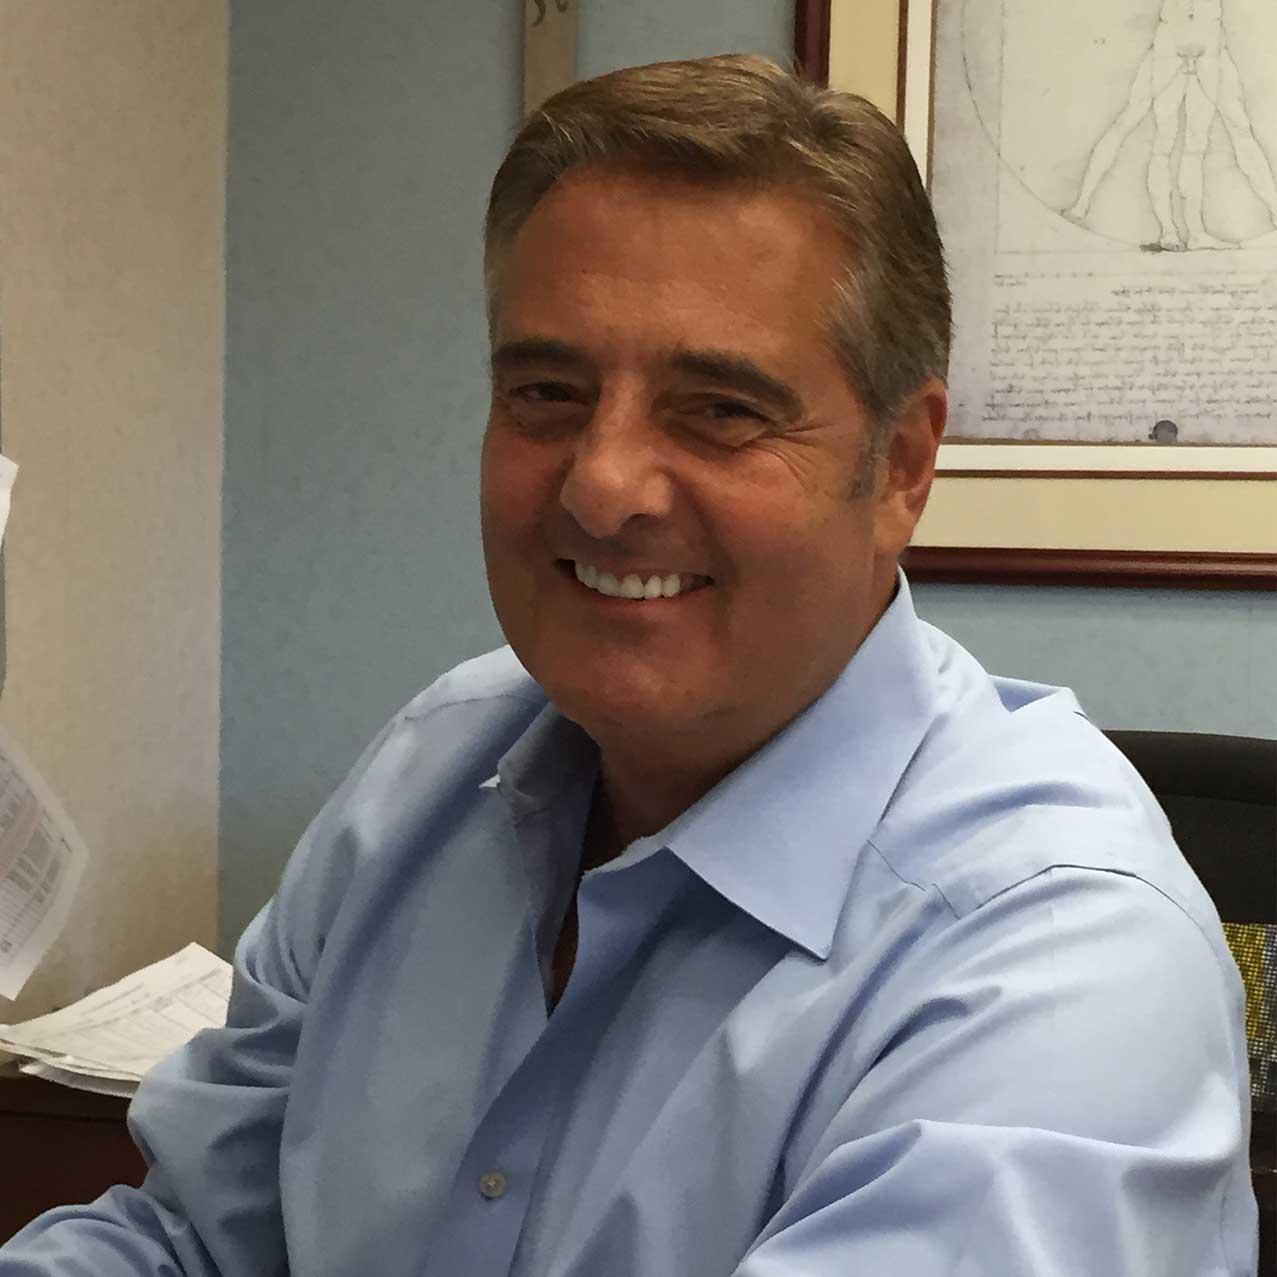 John Beyer, Member